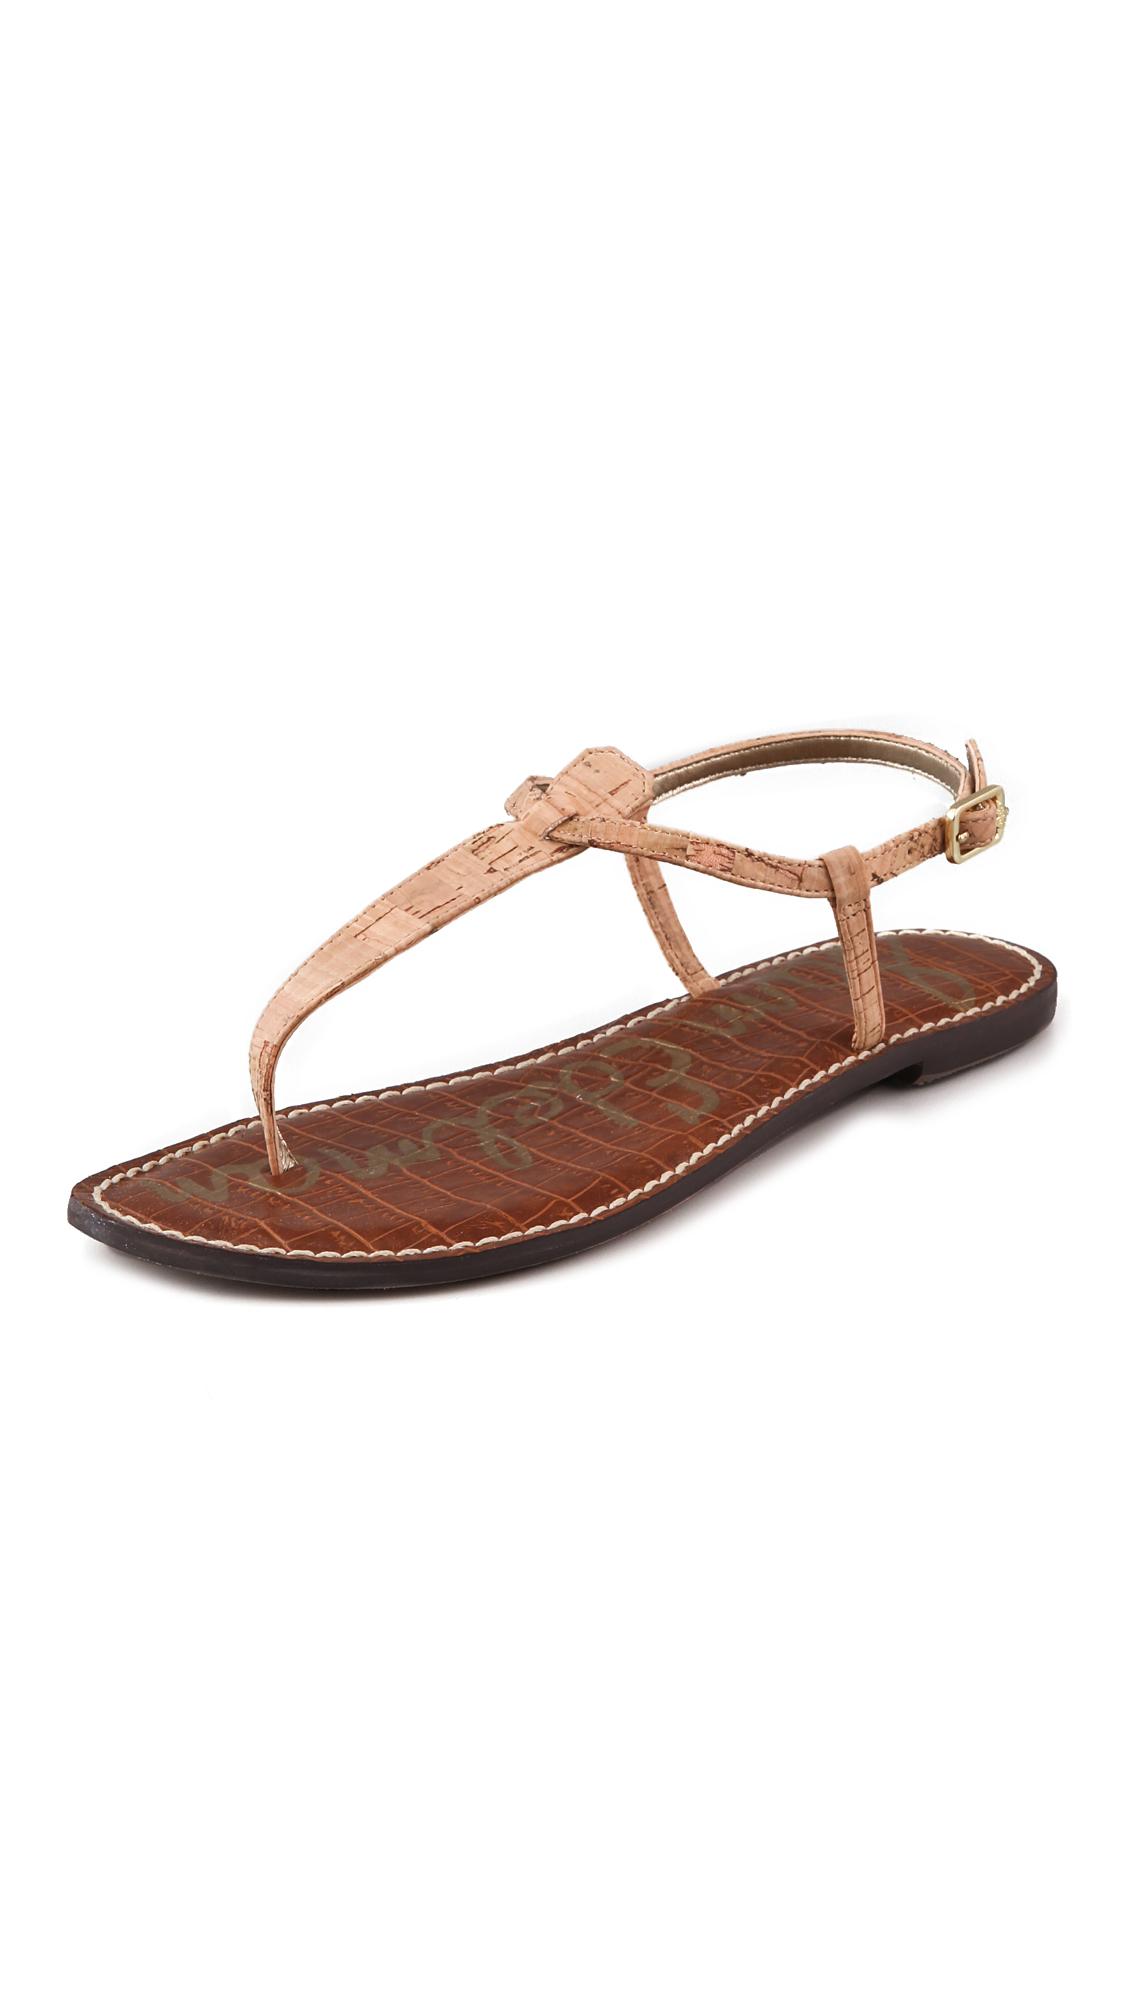 5e2da025cc2607 Sam Edelman Gigi Cork T Strap Flat Sandals on PopScreen